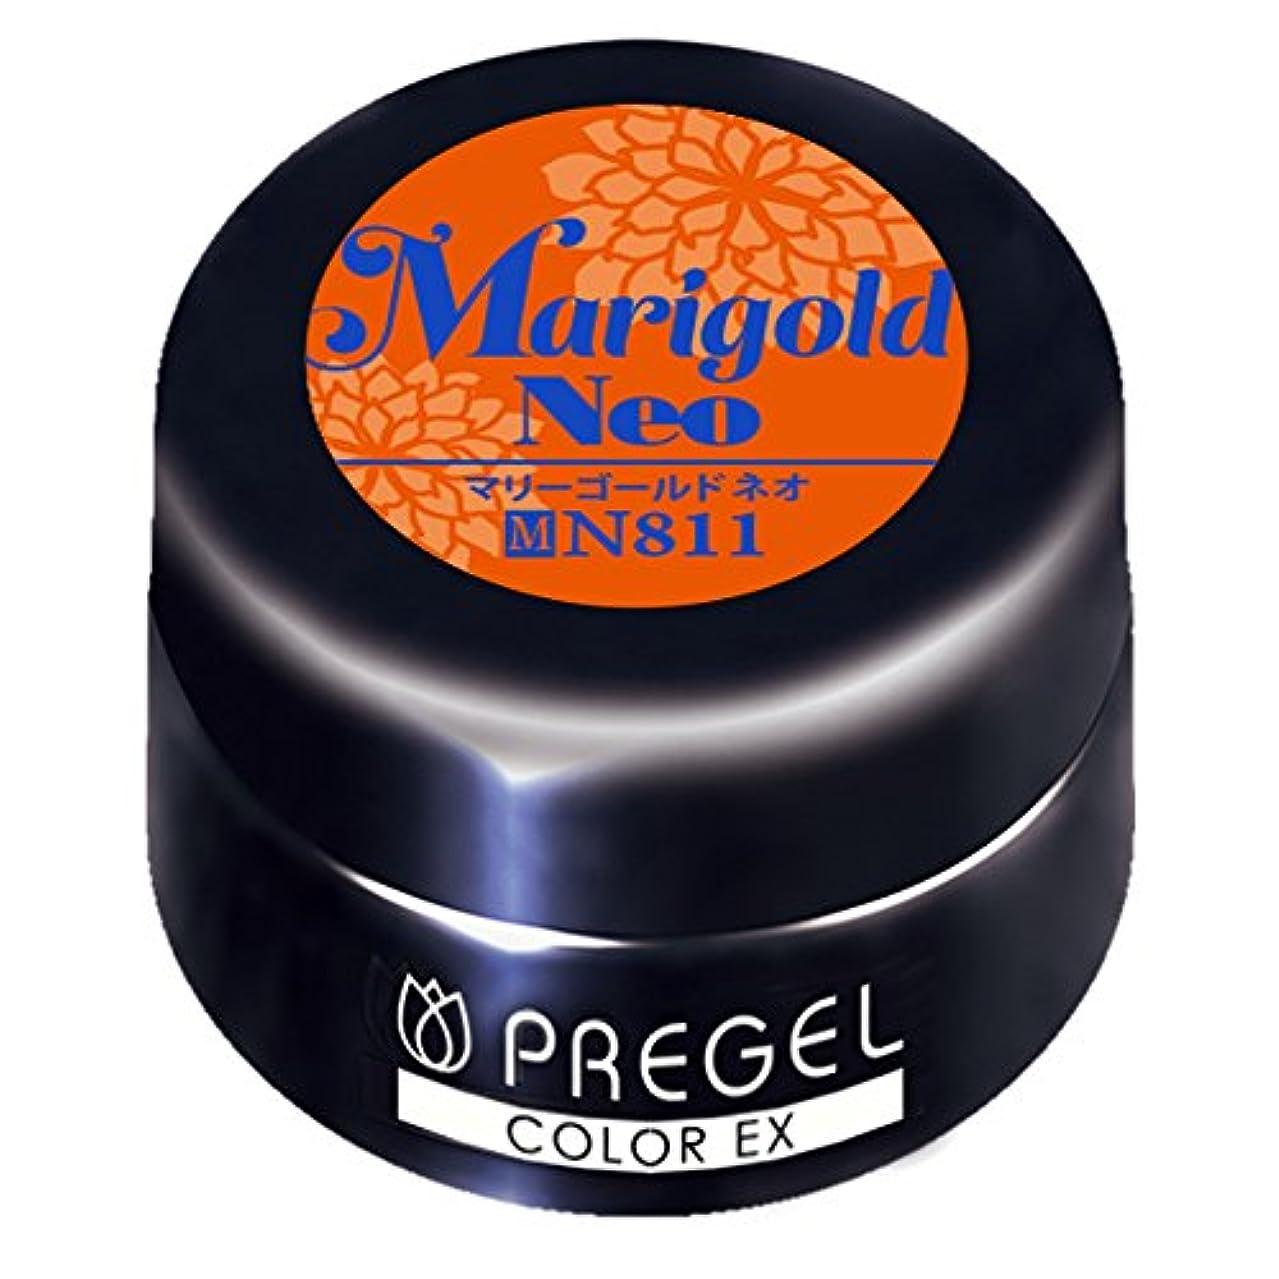 予測するまどろみのある文言PRE GEL カラーEX マリーゴールドneo 811 3g UV/LED対応